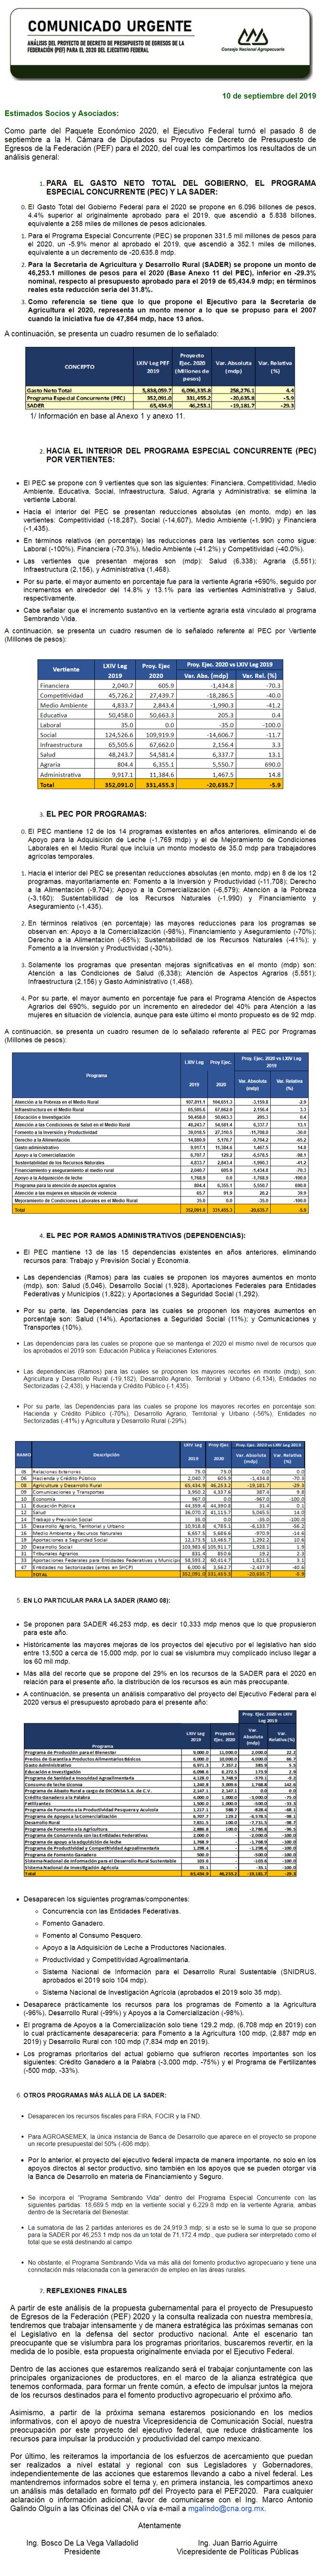 Análisis del Proyecto del Presupuesto de Egresos de la Federación (PEF) 2020 del Ejecutivo Federal